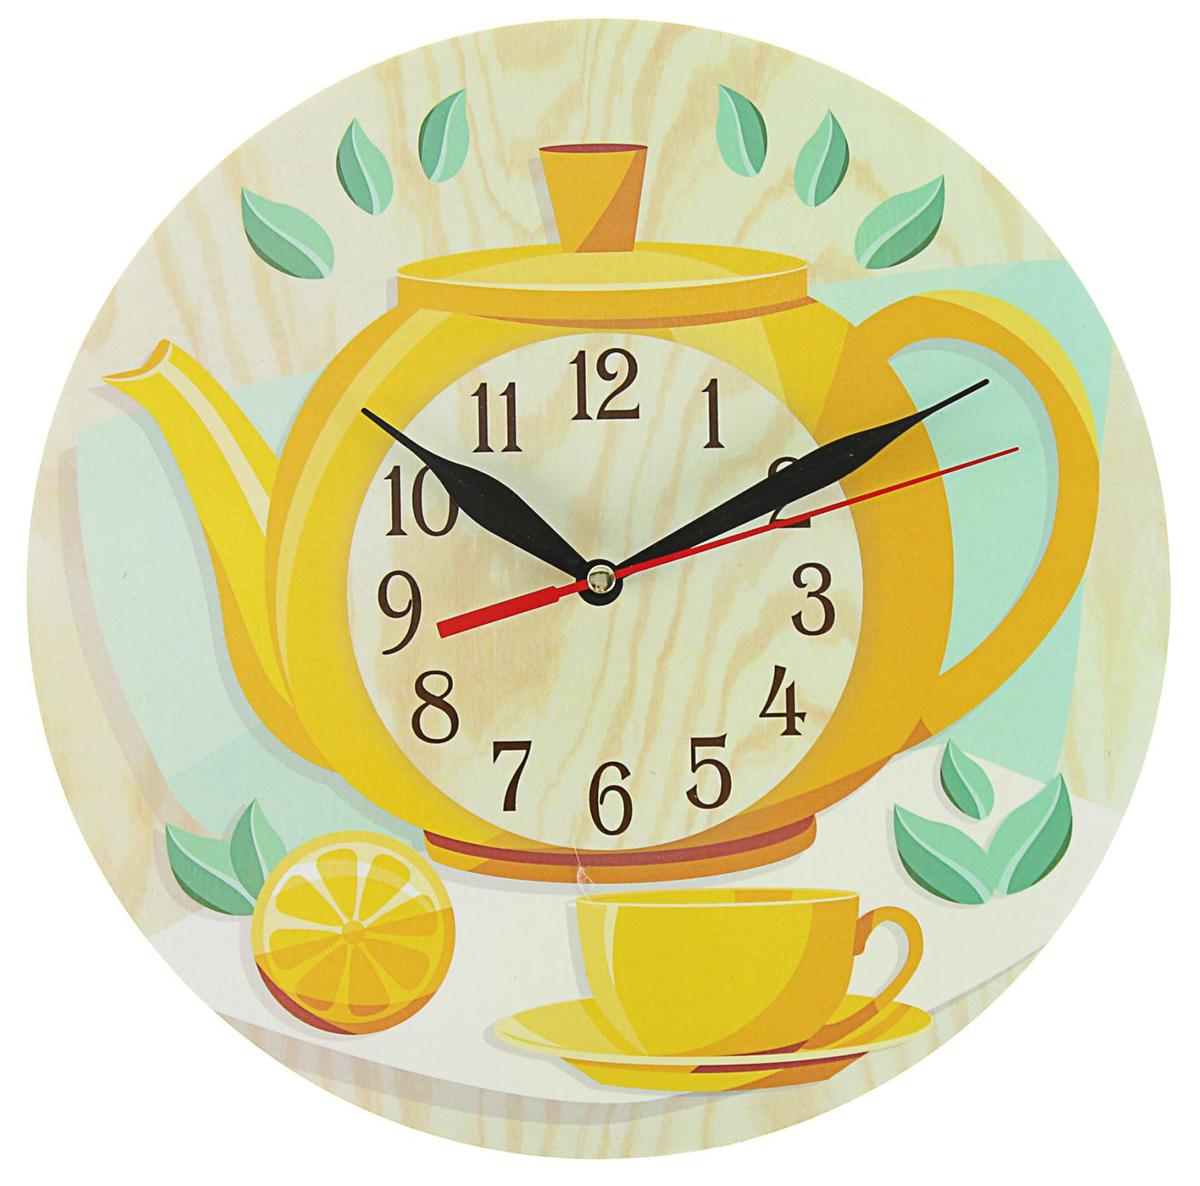 """Часы настенные """"Чаепитие"""" — сувенир в полном смысле этого слова. И главная его задача — хранить воспоминание о месте, где вы побывали, или о том человеке, который подарил данный предмет. Преподнесите эту вещь своему другу, и она станет достойным украшением его дома. Каждому хозяину периодически приходит мысль обновить свою квартиру, сделать ремонт, перестановку или кардинально поменять внешний вид каждой комнаты. — привлекательная деталь, которая поможет воплотить вашу интерьерную идею, создать неповторимую атмосферу в вашем доме. Окружите себя приятными мелочами, пусть они радуют глаз и дарят гармонию.Часы """"Чаепитие"""" круглые, O 25 см 2497885"""